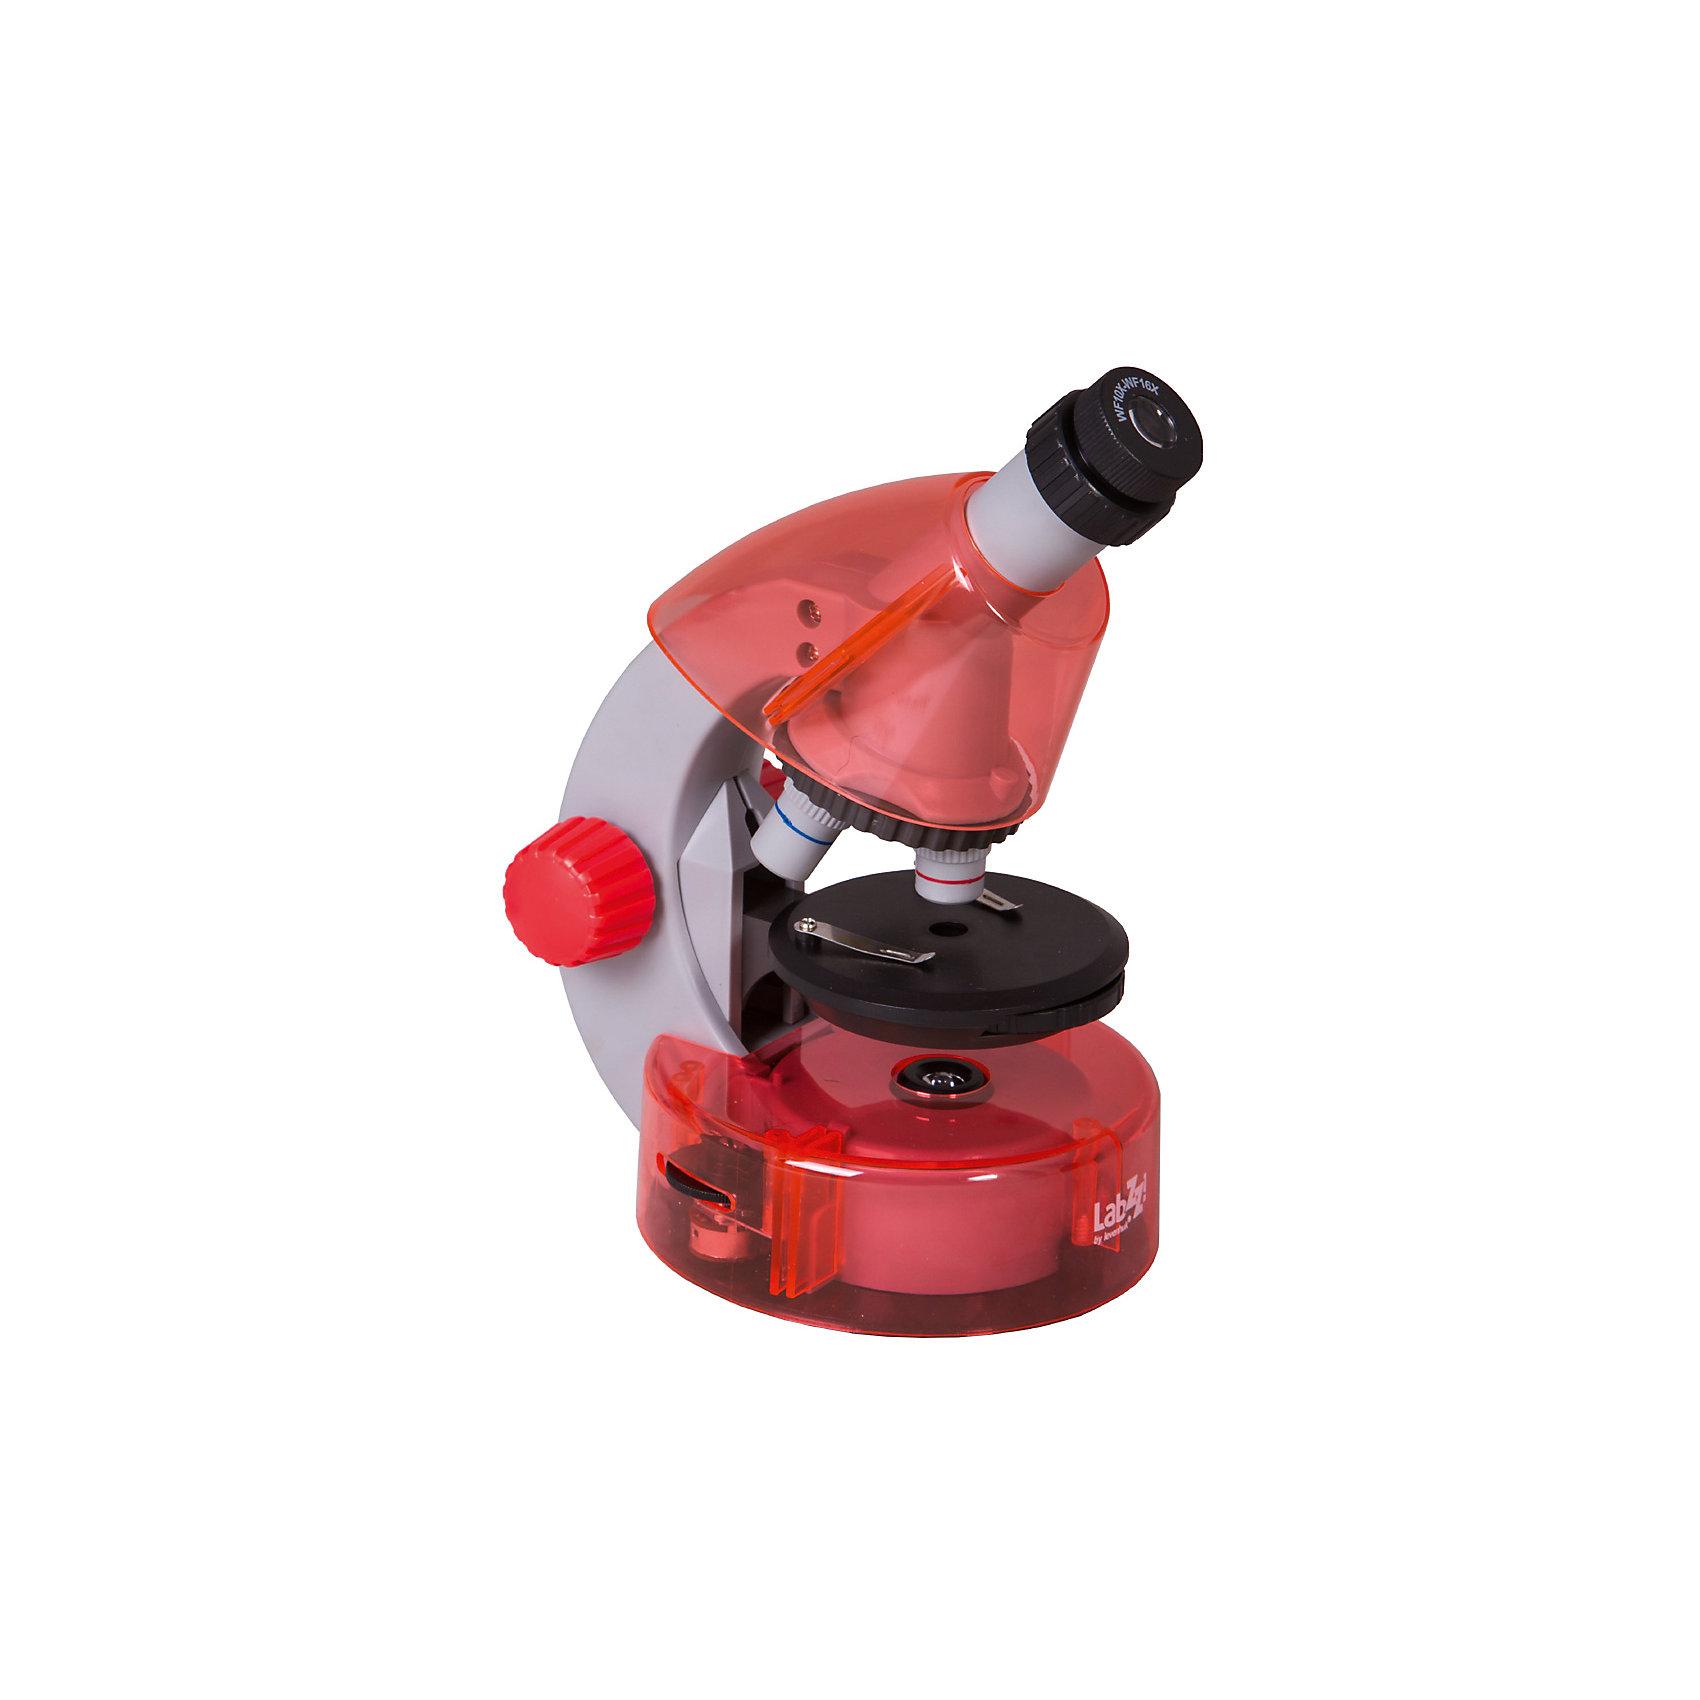 Микроскоп Levenhuk LabZZ M101 Orange\АпельсинМикроскопы<br>Характеристики товара:<br><br>• материал: металл, пластик<br>• увеличение: до 640 крат<br>• объективы: 4х, 10х, 40х<br>• подсветка: светодиодная<br>• подсветка работает от батареек 2хАА<br>• комплектация: микроскоп, окуляр WF16х, предметный столик с зажимами, диск с диафрагмами, адаптер питания от сети (питание 110-220 В, 50 Гц), инструкция по эксплуатации и гарантийный талон, пинцет, инкубатор для артемии, микротом, флакон с дрожжами, флакон со смолой для изготовления препаратов, флакон с морской солью, флакон с артемией (морским рачком), 5 готовых образцов и 5 чистых предметных стекол, пипетка, пылезащитный чехол<br>• страна бренда: США<br>• страна производства: КНР<br><br>Собственный микроскоп - это отличный способ заинтересовать ребенка наукой и привить ему интерес к учебе. Эта модель микроскопа была разработана специально для детей - он позволяет увеличивать препарат в 640 крат, с помощью этого дети могут исследовать состав и структуру разнообразных предметов, веществ и организмов. Благодаря стильному дизайну этот микроскоп отлично вписывается в интерьер!<br><br>Оптические приборы от американской компании Levenhuk уже успели зарекомендовать себя как качественная и надежная продукция. Для их производства используются только безопасные и проверенные материалы. Такой прибор способен прослужить долго. Подарите ребенку интересную и полезную вещь!<br><br>Микроскоп Levenhuk LabZZ M101 Orange\Апельсин от известного бренда Levenhuk (Левенгук) можно купить в нашем интернет-магазине.<br><br>Ширина мм: 130<br>Глубина мм: 185<br>Высота мм: 270<br>Вес г: 930<br>Возраст от месяцев: 60<br>Возраст до месяцев: 2147483647<br>Пол: Унисекс<br>Возраст: Детский<br>SKU: 5435288